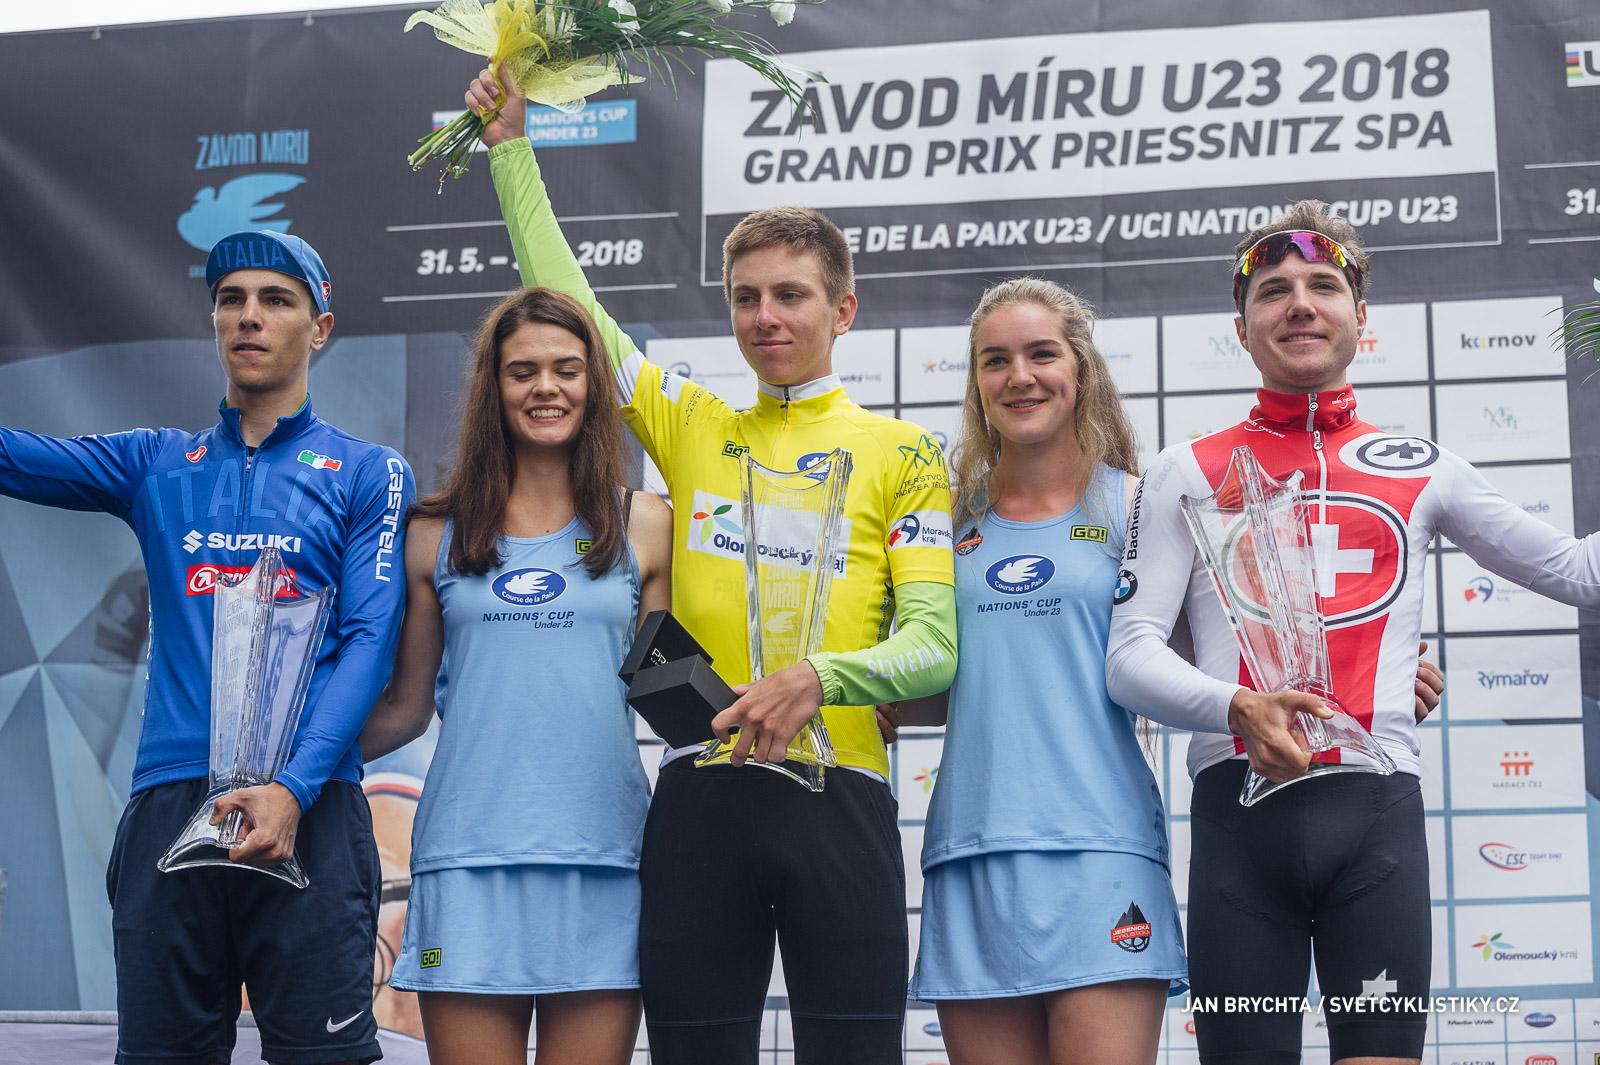 Slovinec Pogačar vyhrál závěrečnou etapu i celý Závod míru U23